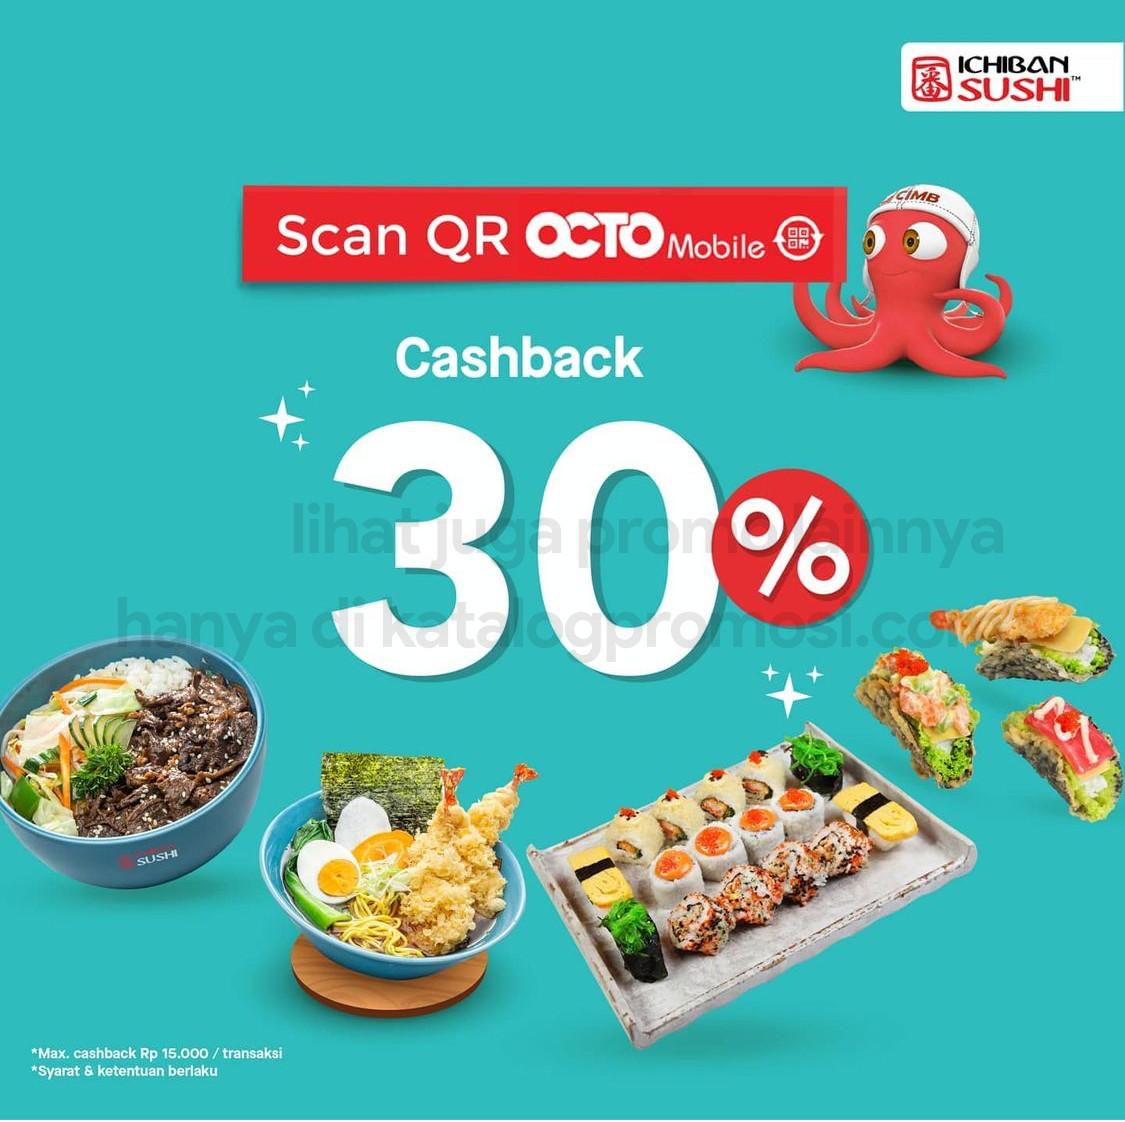 Promo ICHIBAN SUSHI CASHBACK 30% khusus transaksi pakai OCTO Mobile dari CIMB NIAGA